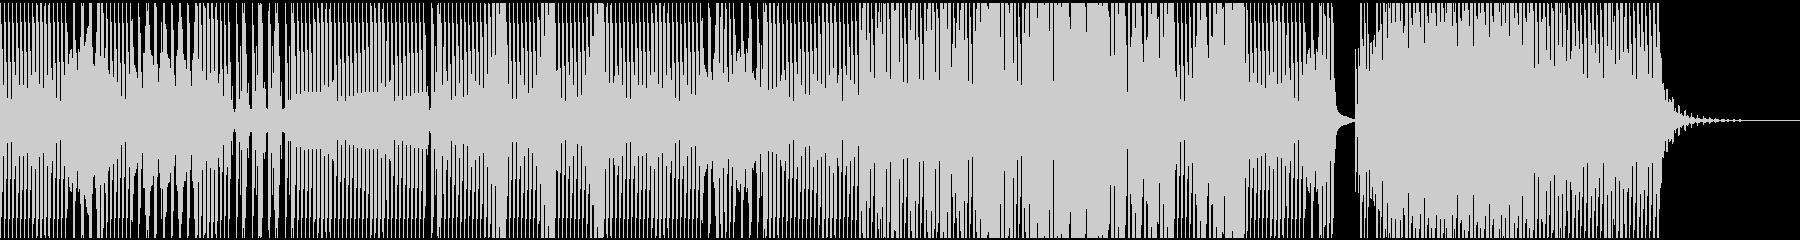 落ち着いたアンビエントテクノEDMの未再生の波形